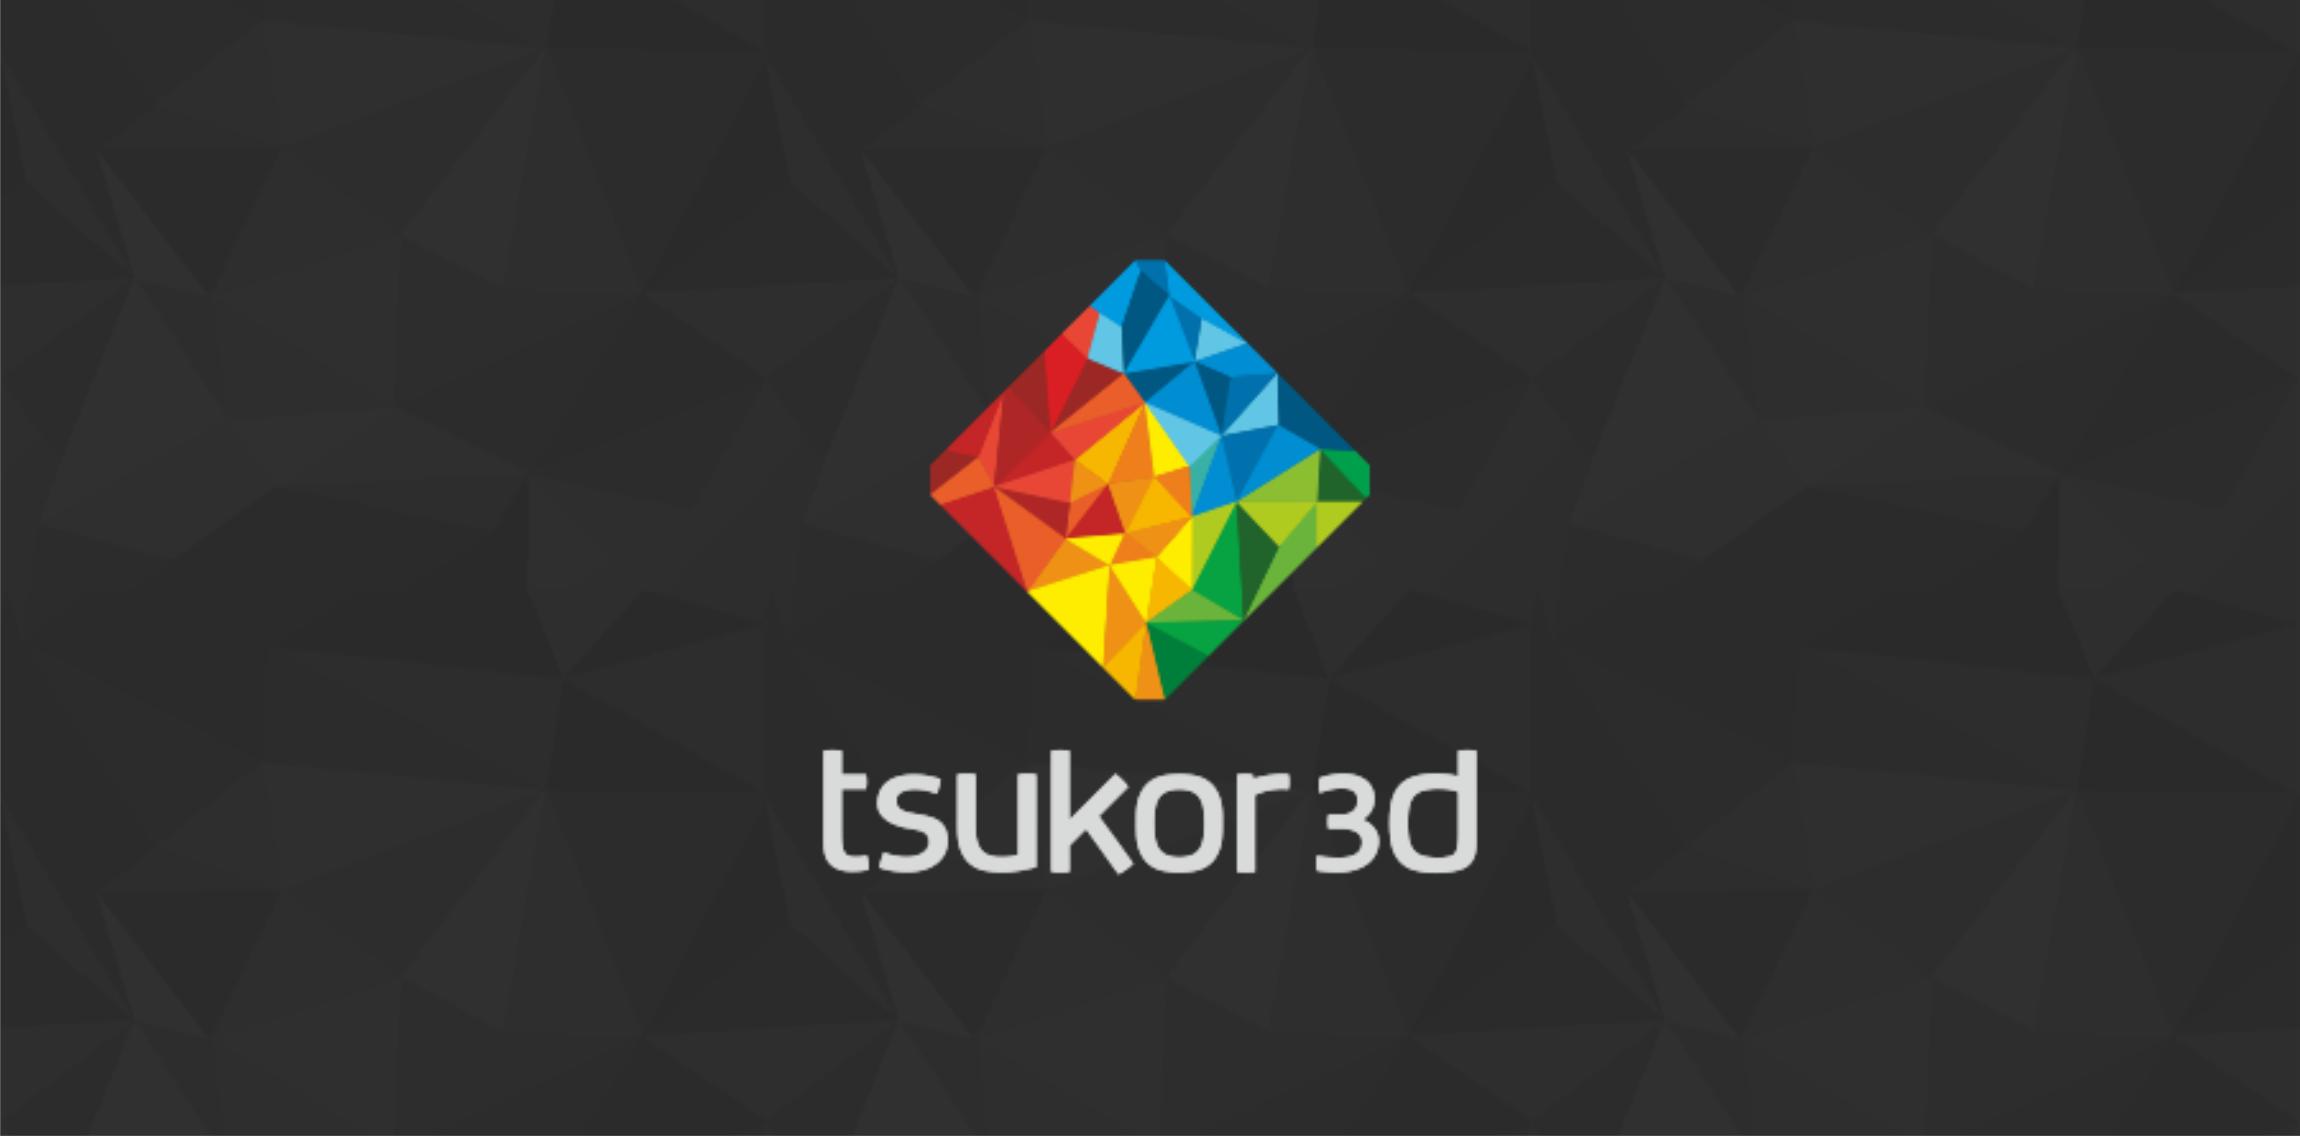 Tsukor 3D